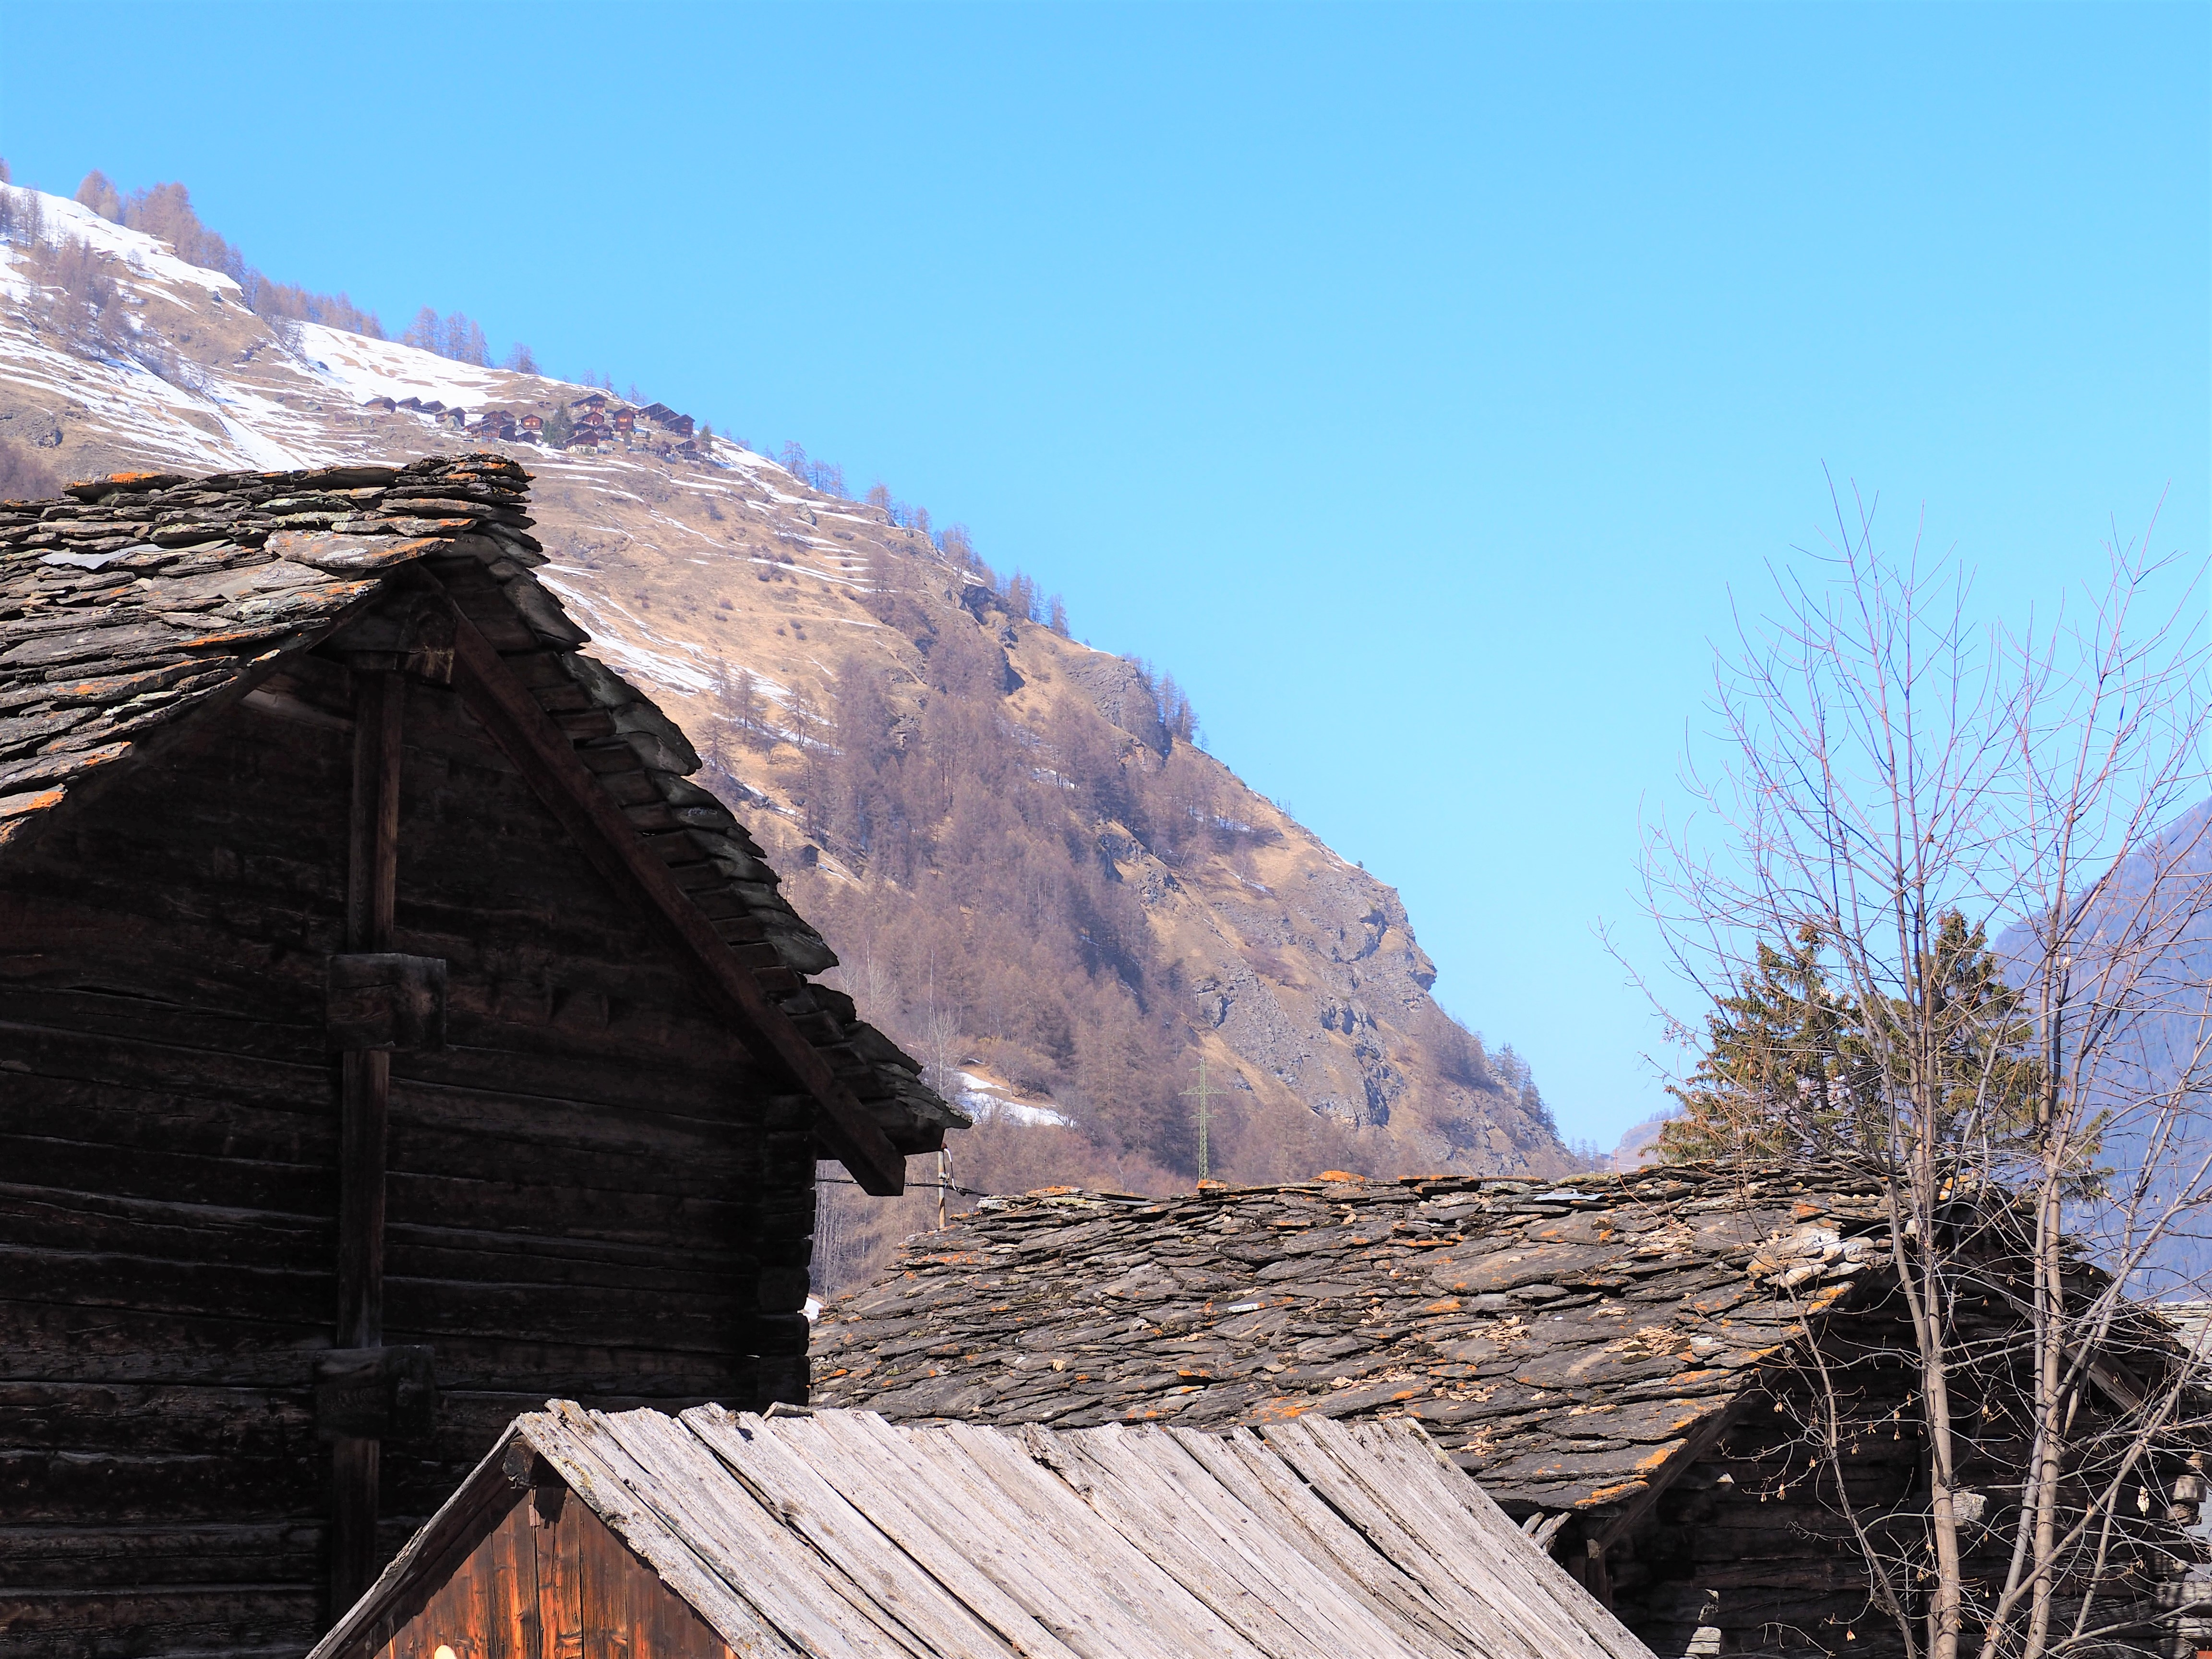 Les Haudères suisse valais